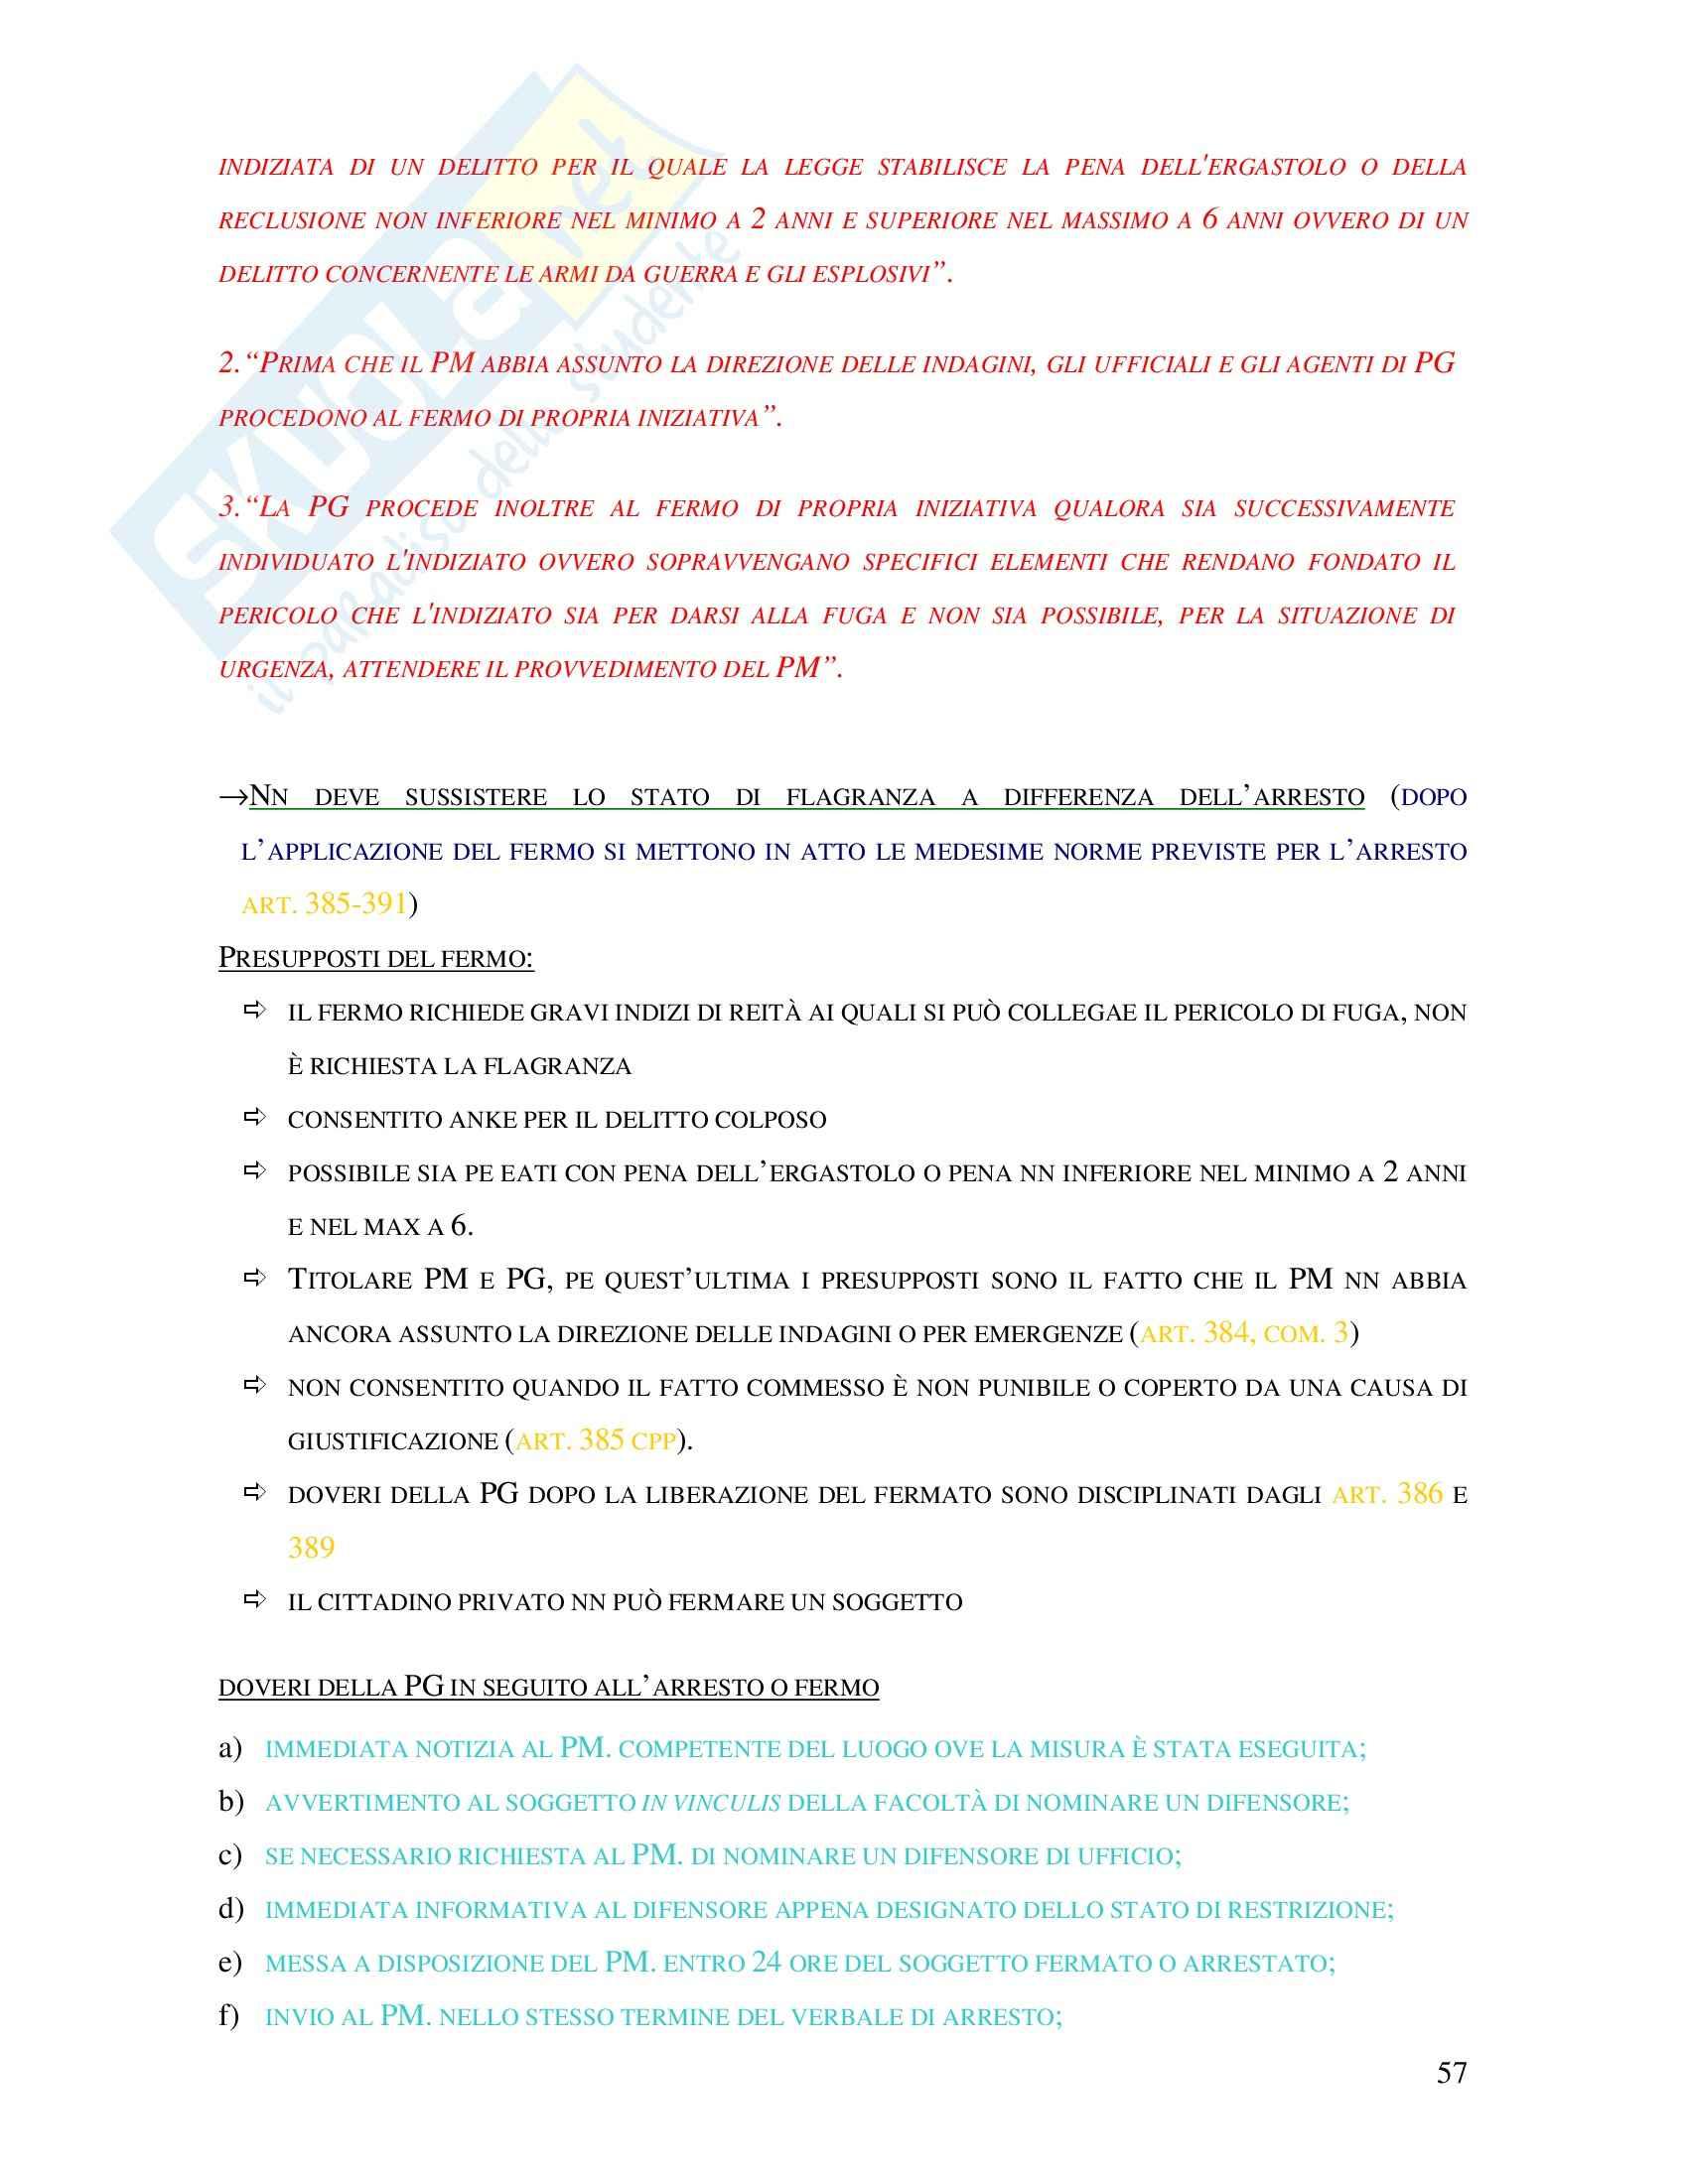 Procedura penale - le misure precautelari Pag. 2